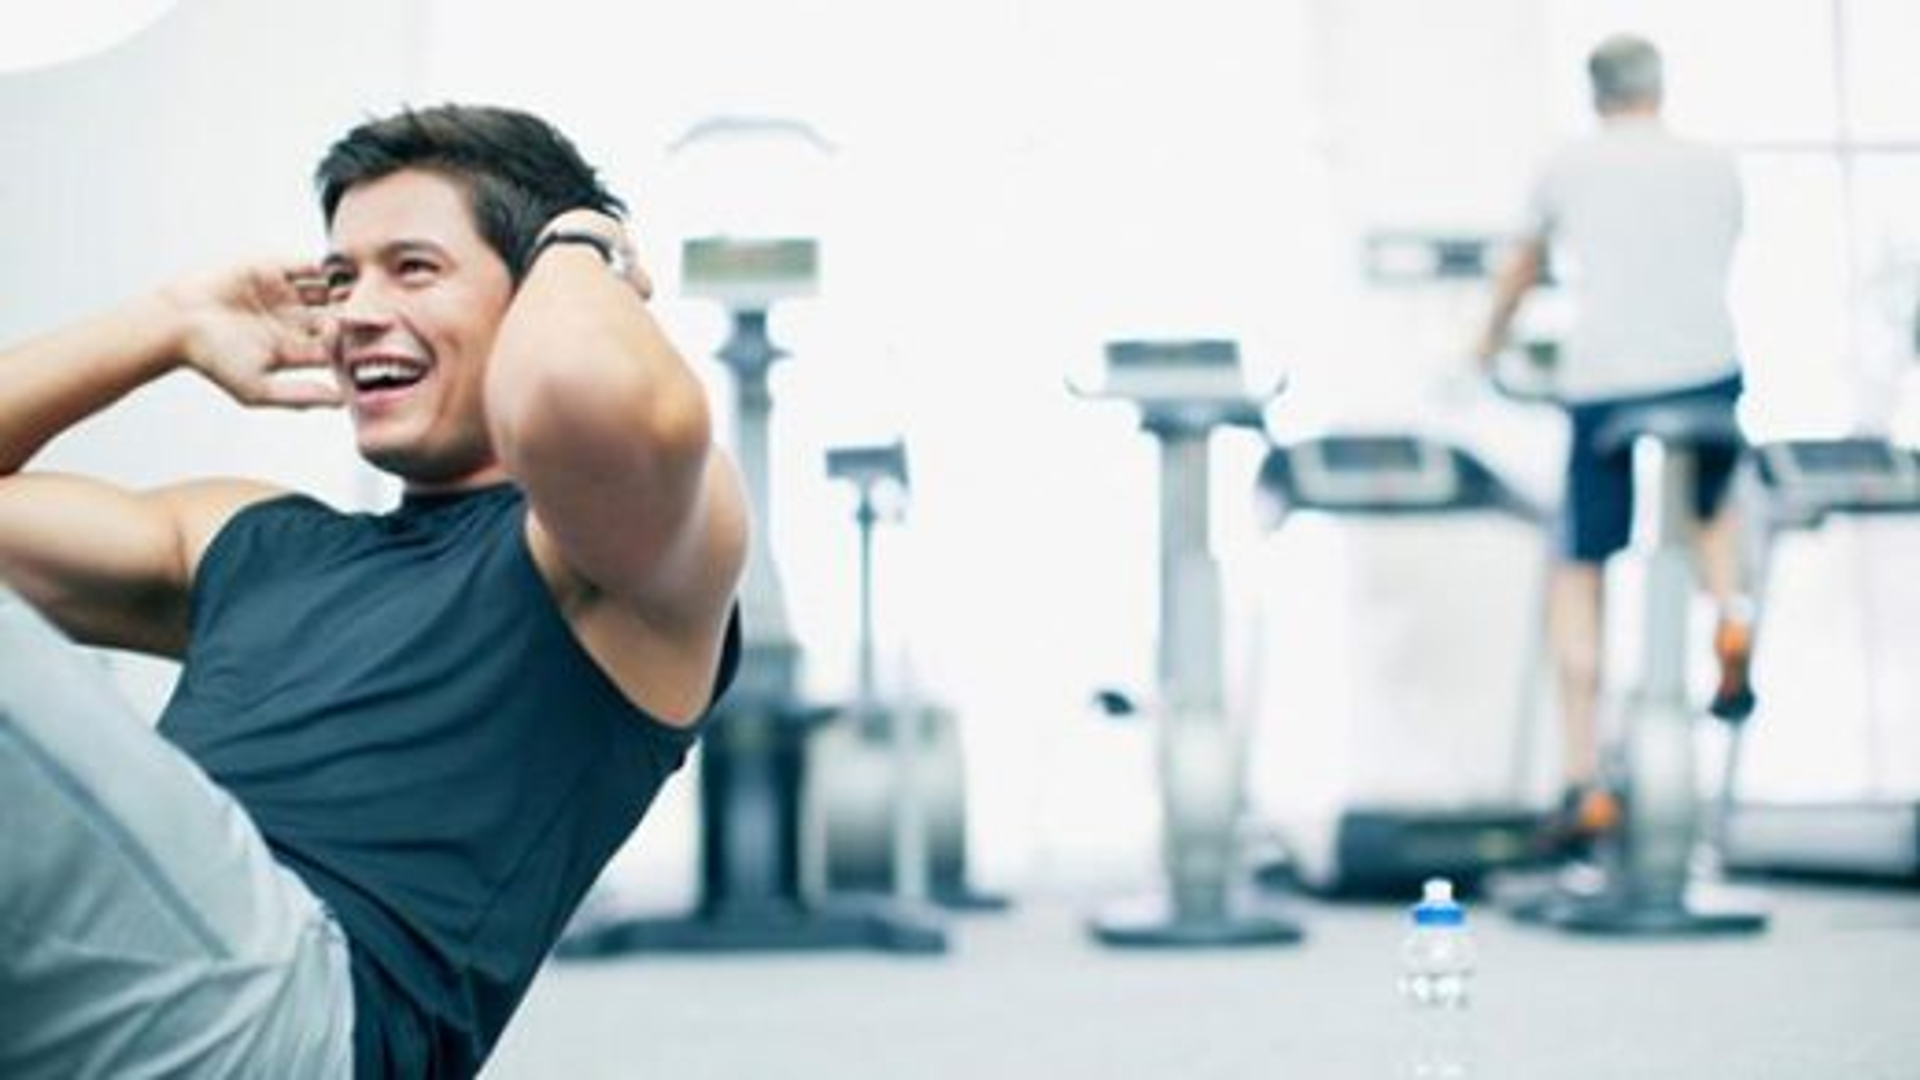 چند حرکت ورزشی ساده برای فیتنس|تگ